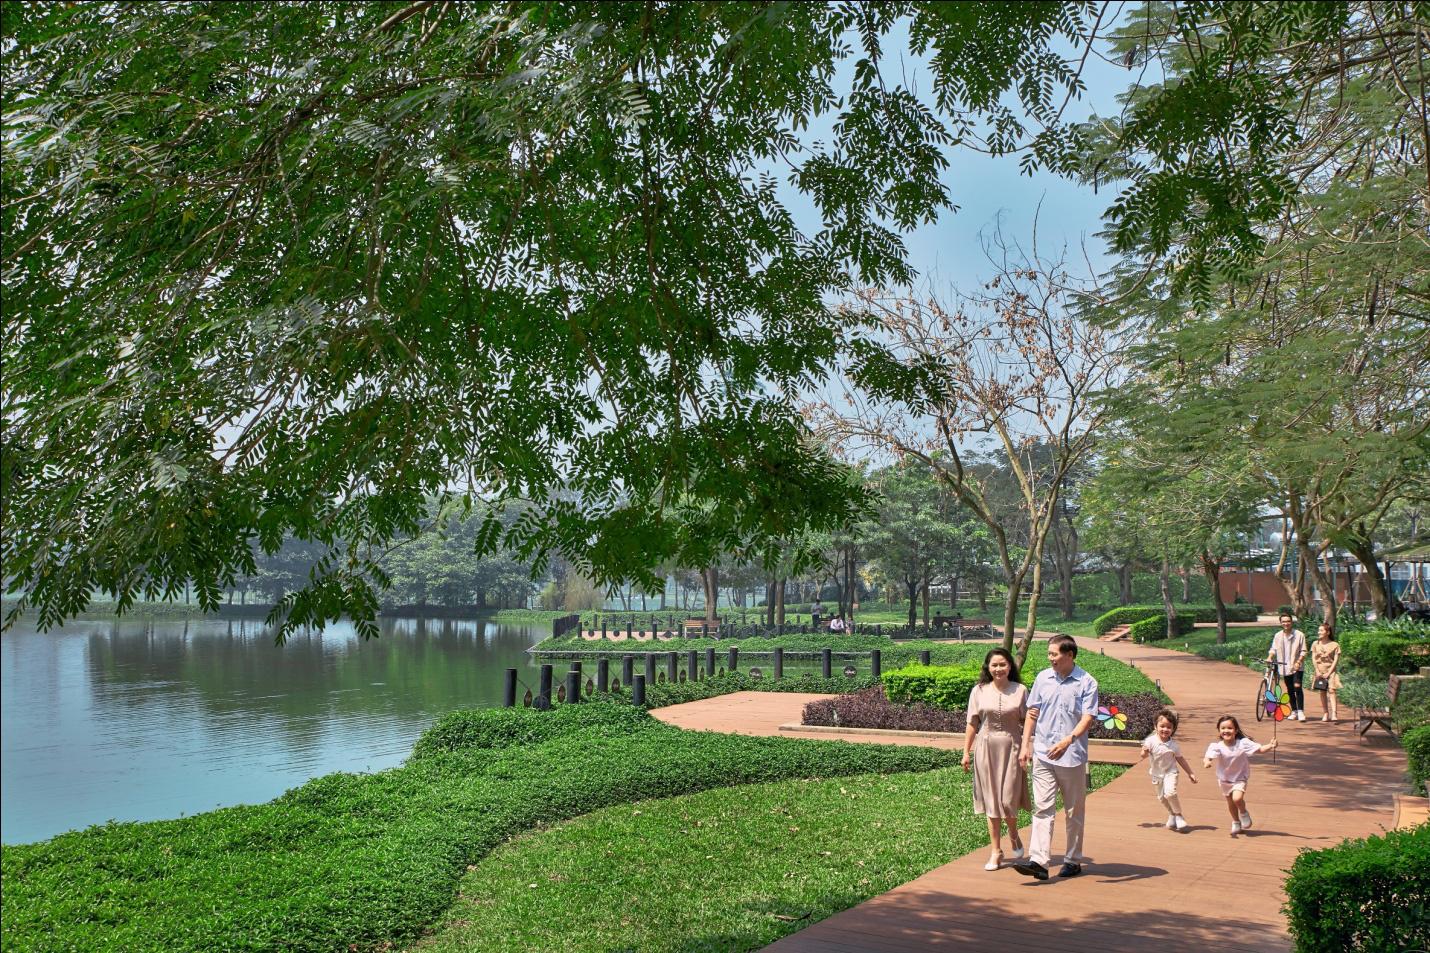 Gamuda Land tiên phong tạo dựng không gian sống bền vững hòa hợp với thiên nhiên - Ảnh 2.